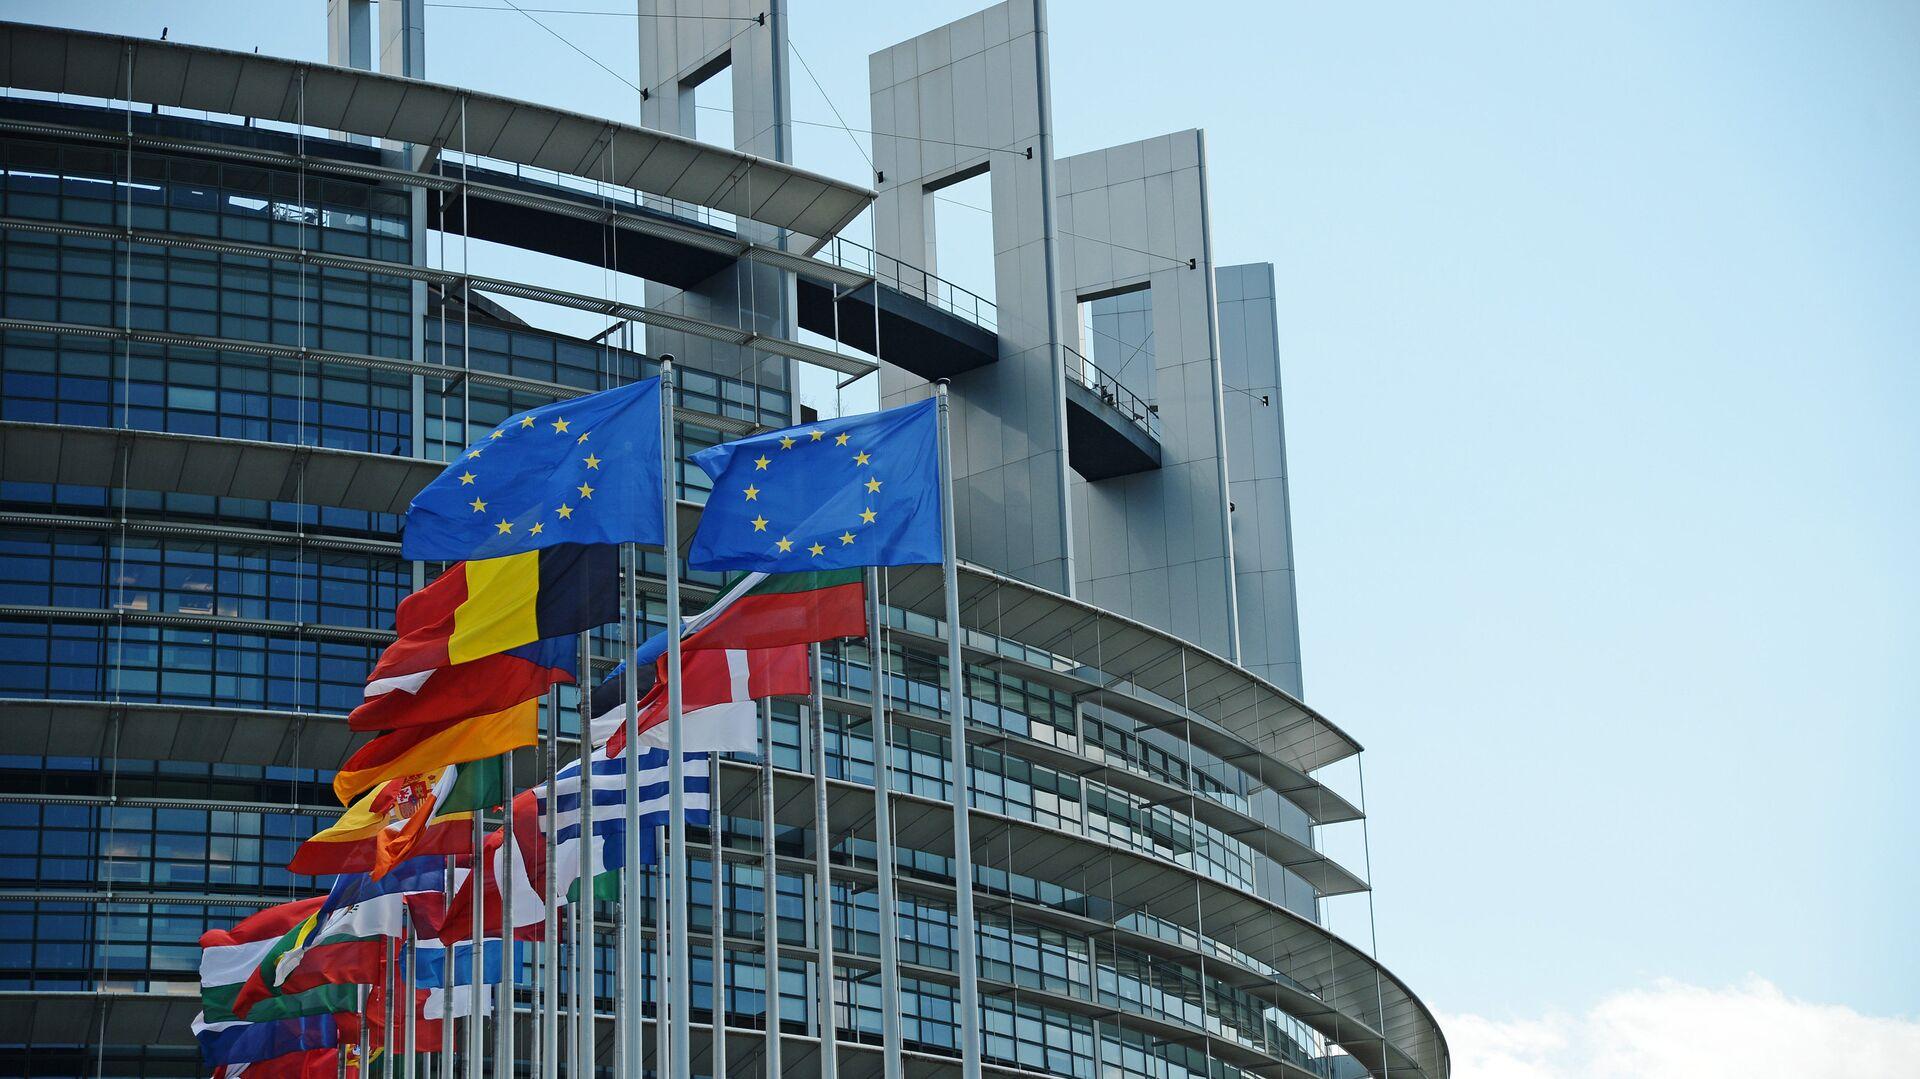 Sede del Parlamento Europeo en Estrasburgo - Sputnik Mundo, 1920, 05.06.2021